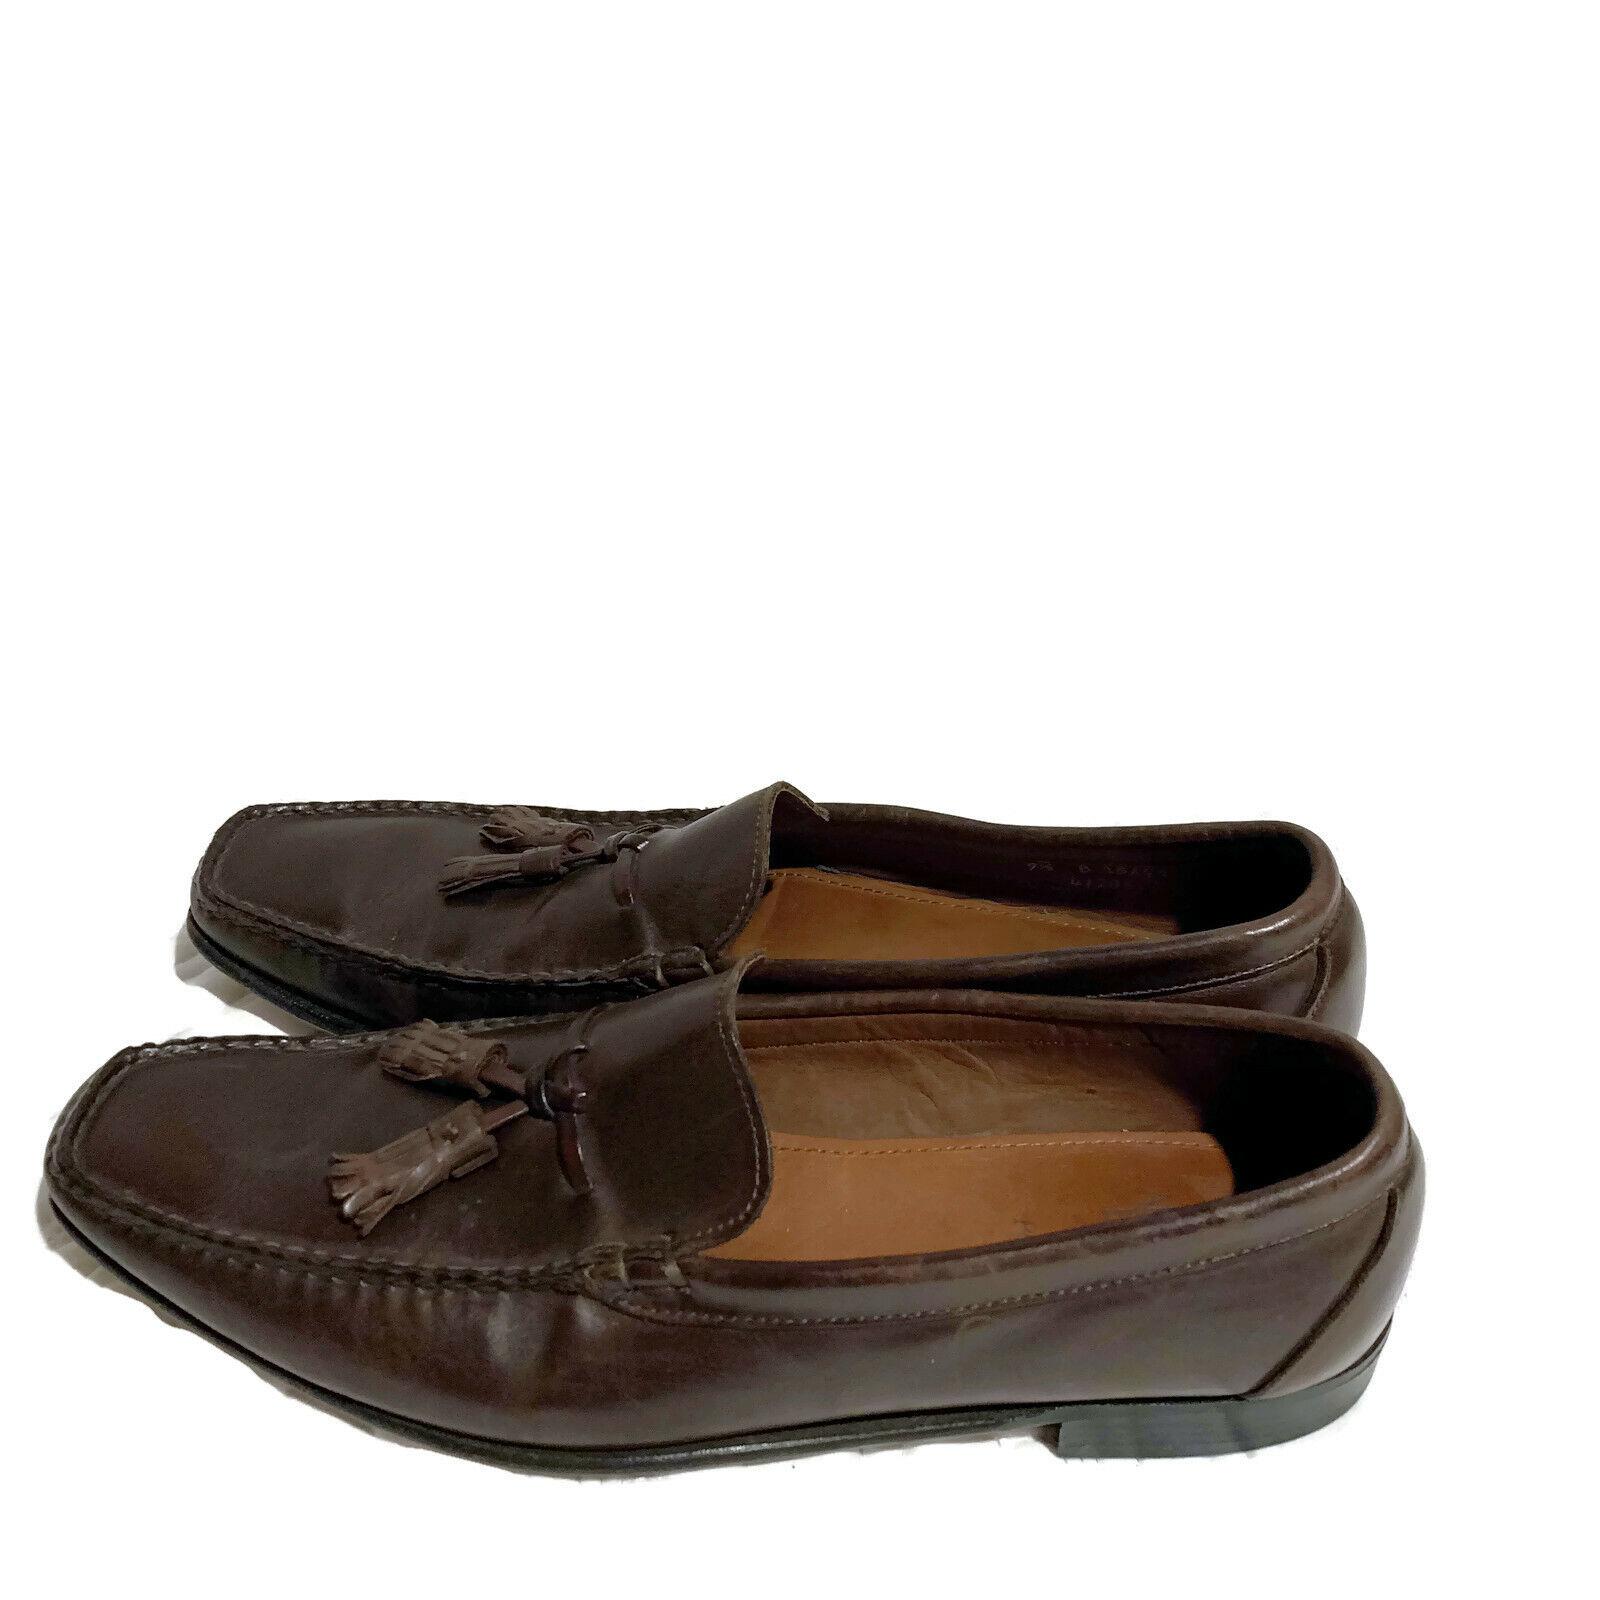 Allen Edmonds tassel loafers homme à peine utilisé 9.5B Pomona Modèle